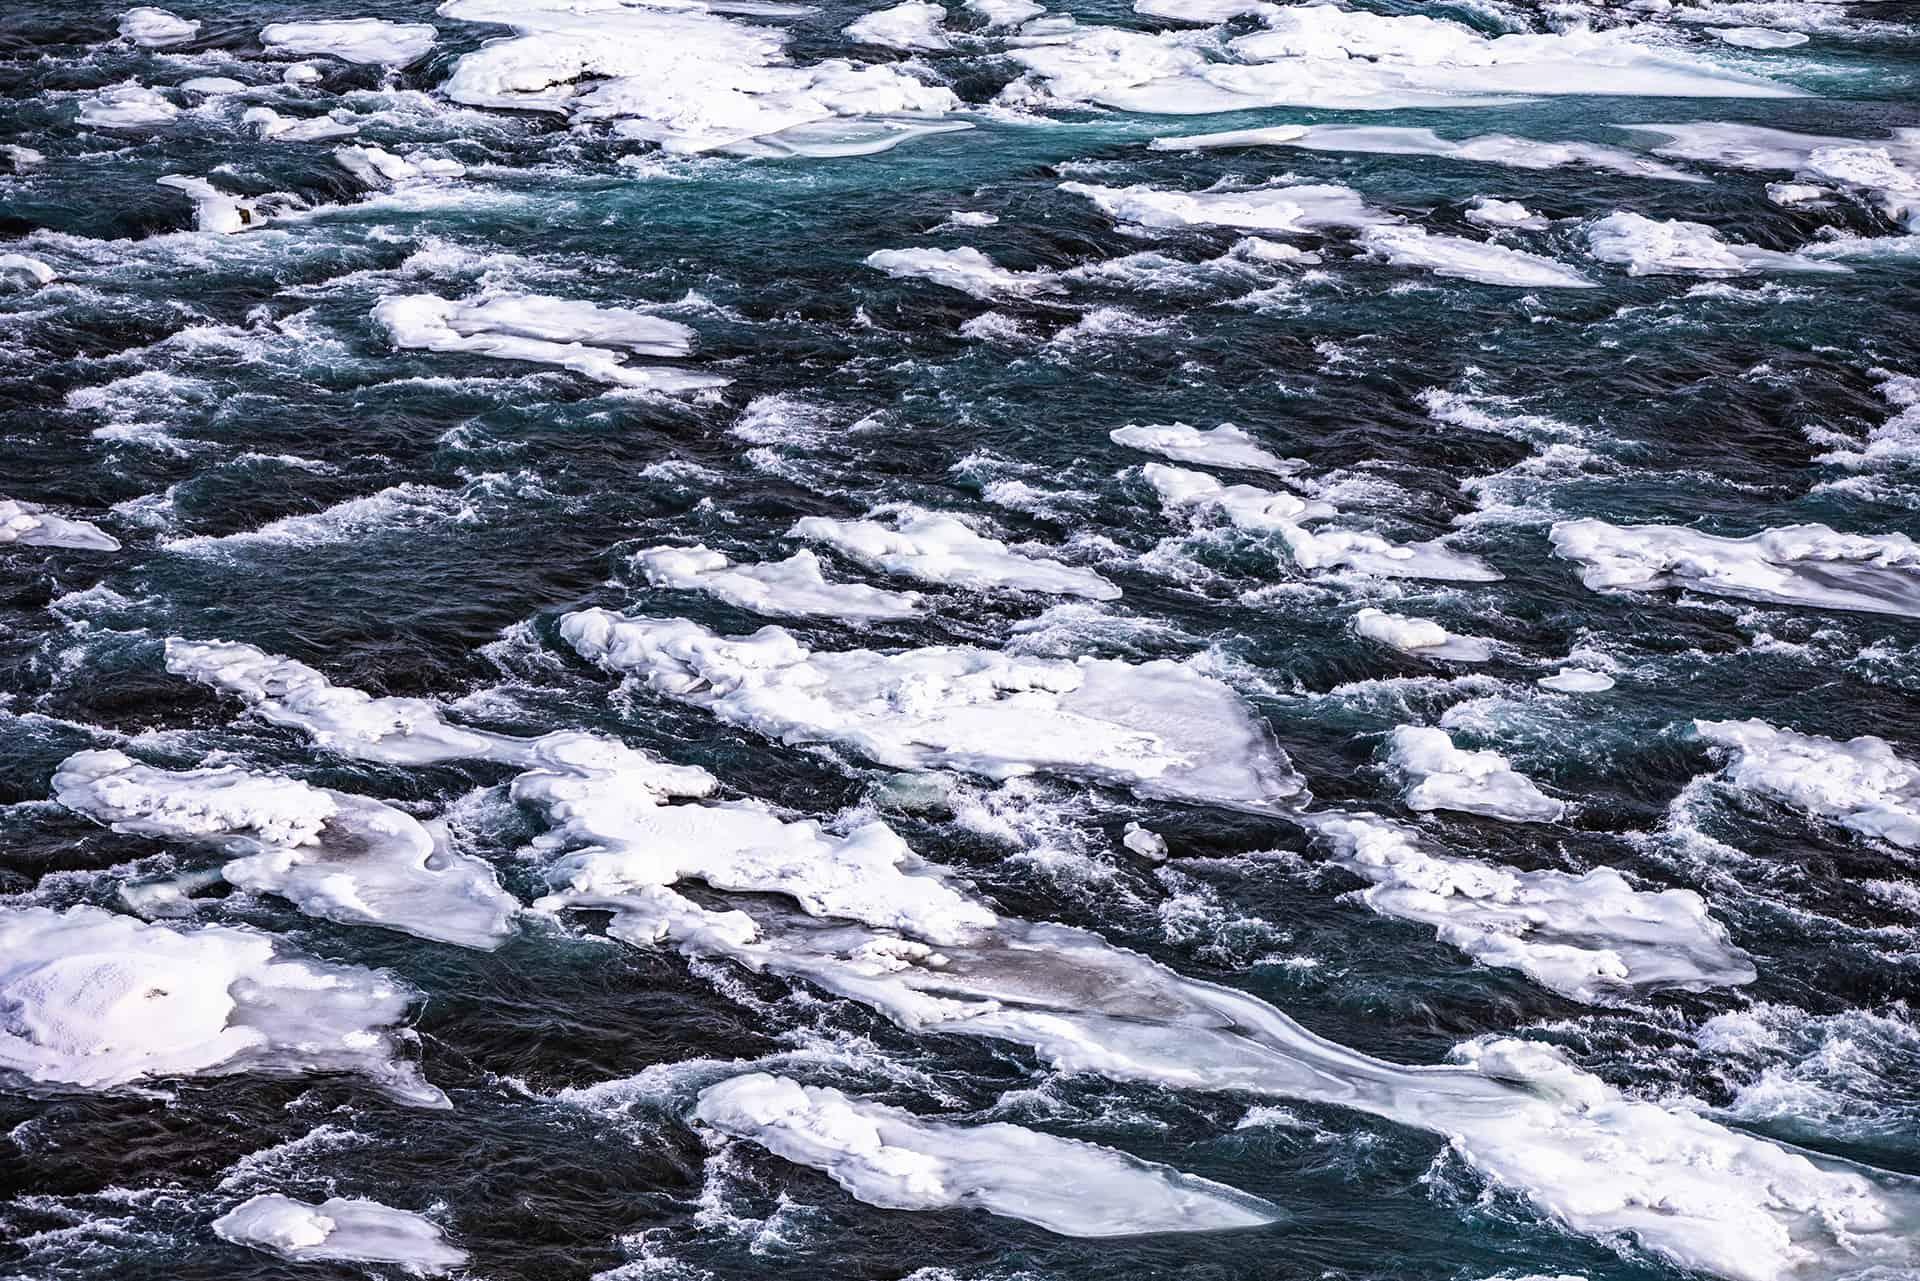 artnorama - White Water Plaice